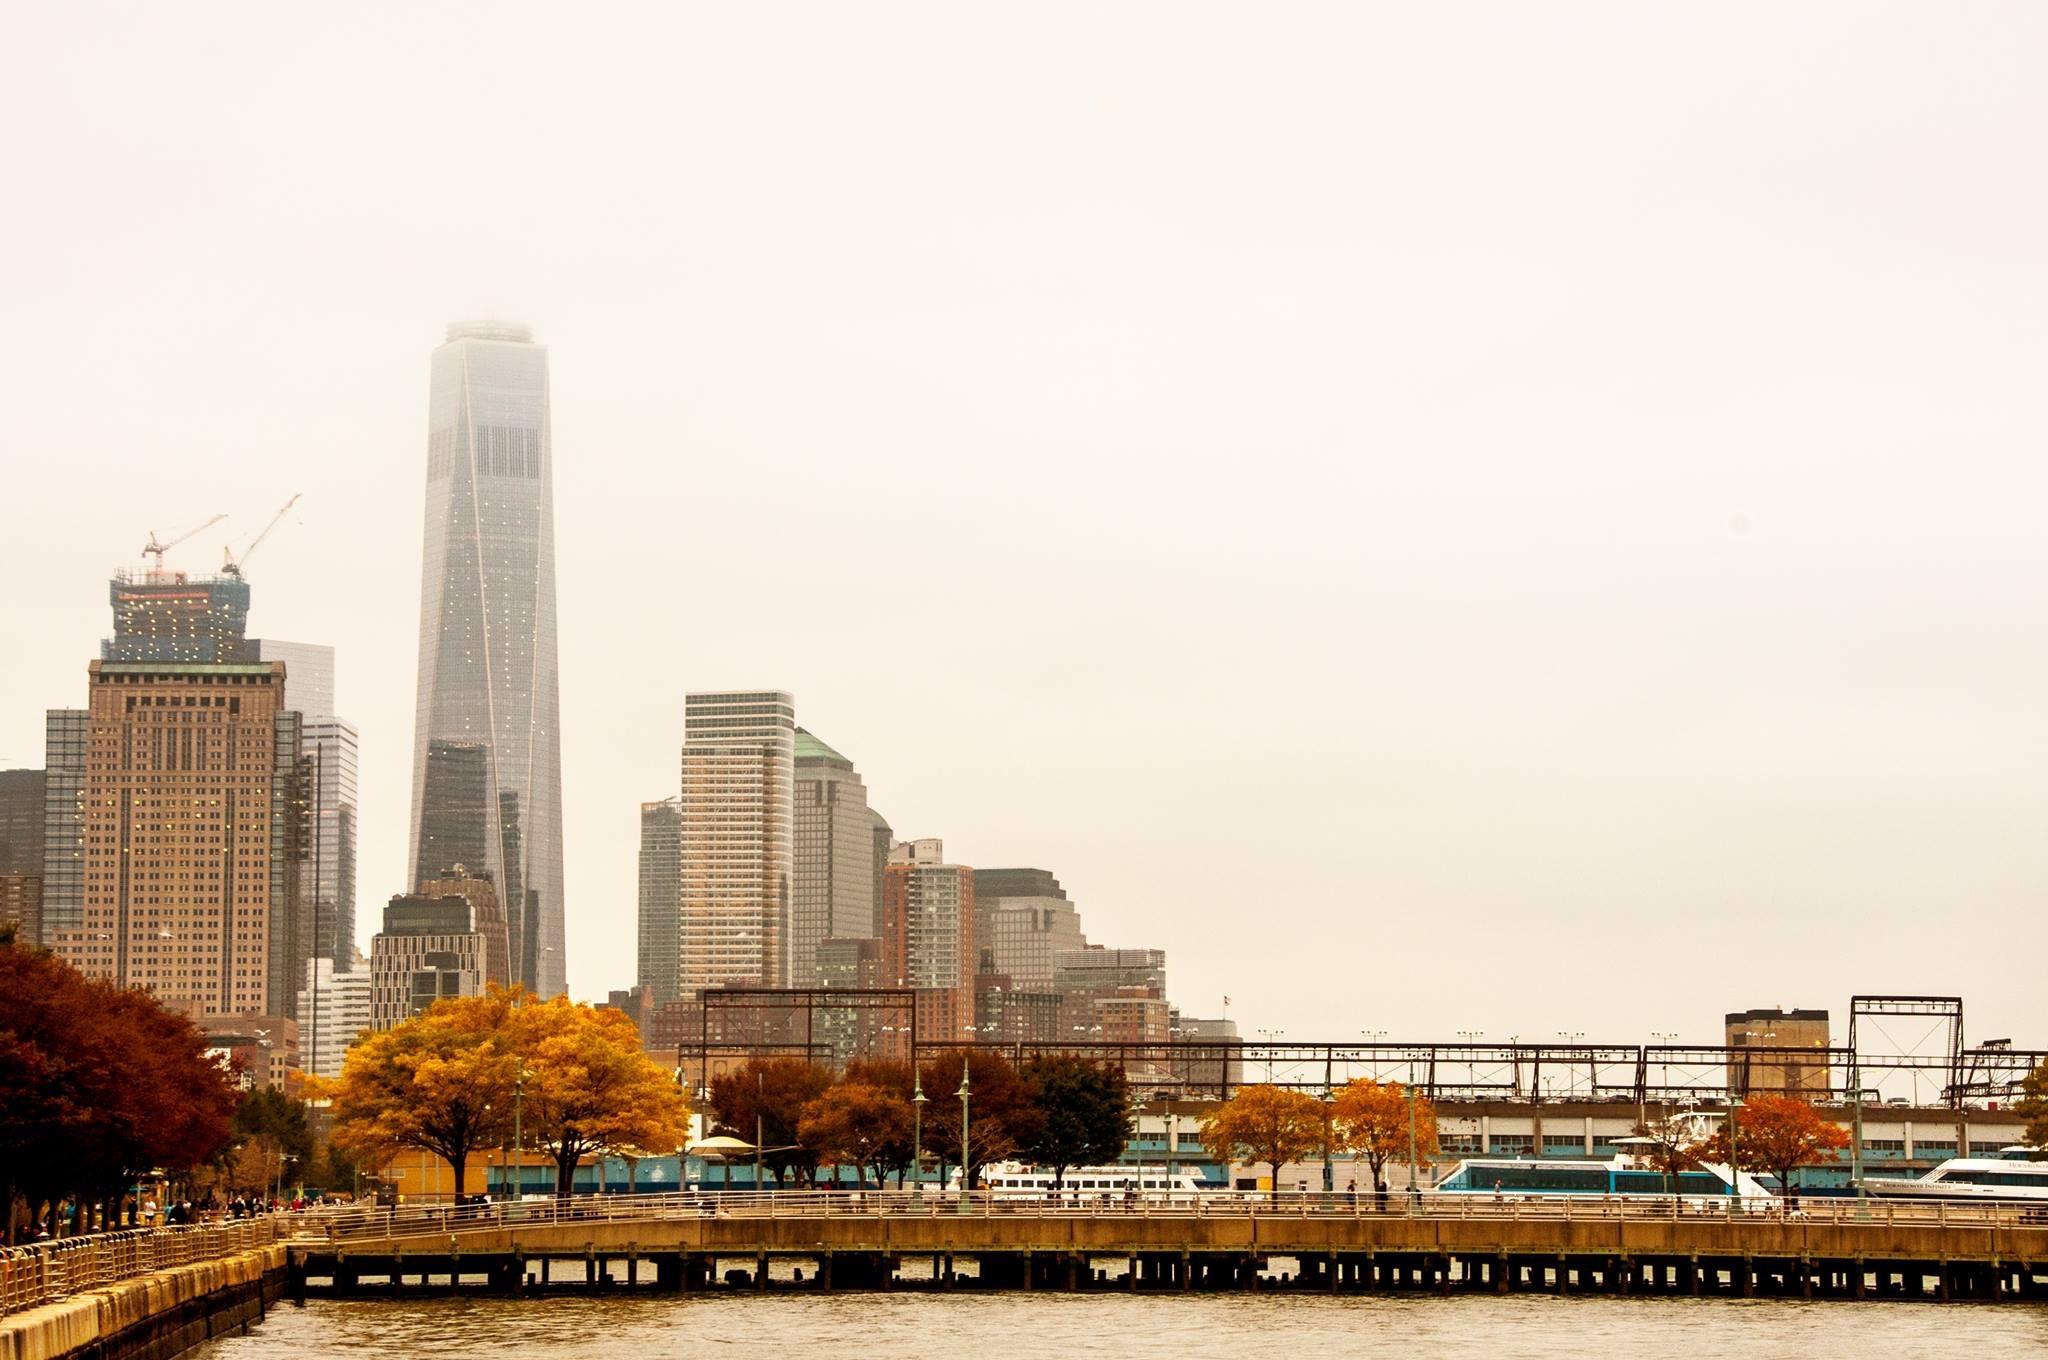 Autum in NYC by Luigi R.